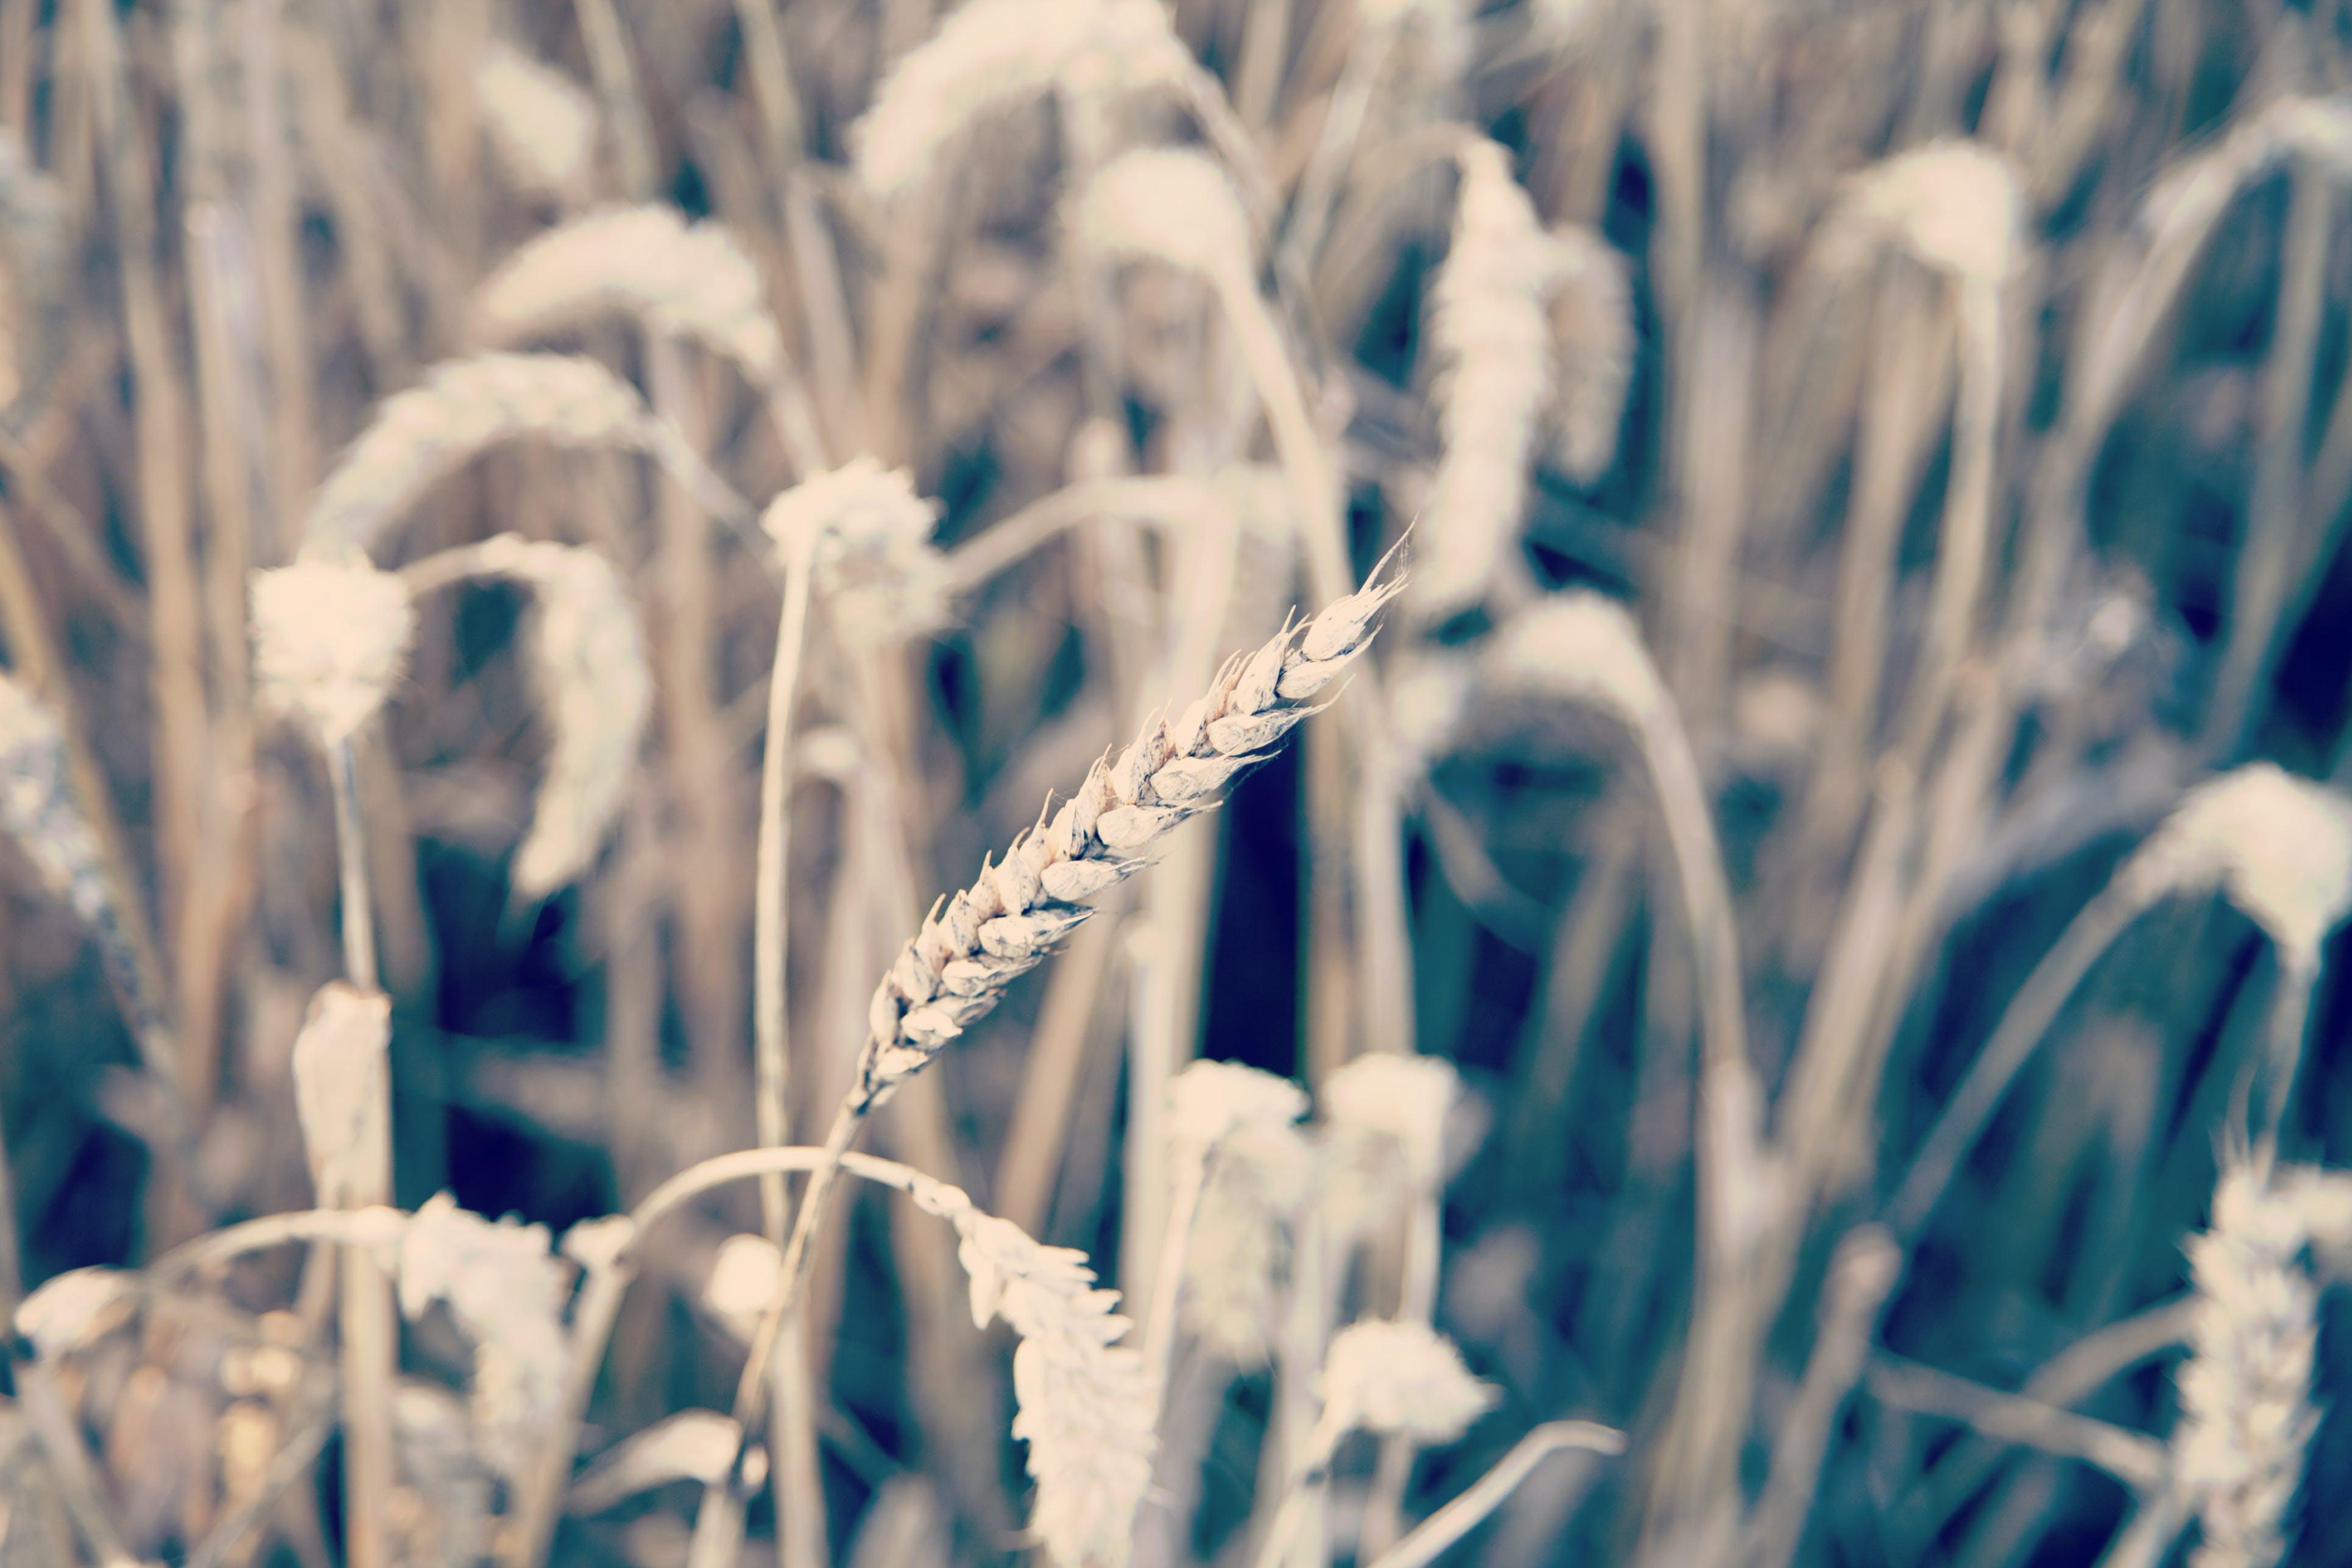 계절, 농장, 들판, 밀밭의 무료 스톡 사진